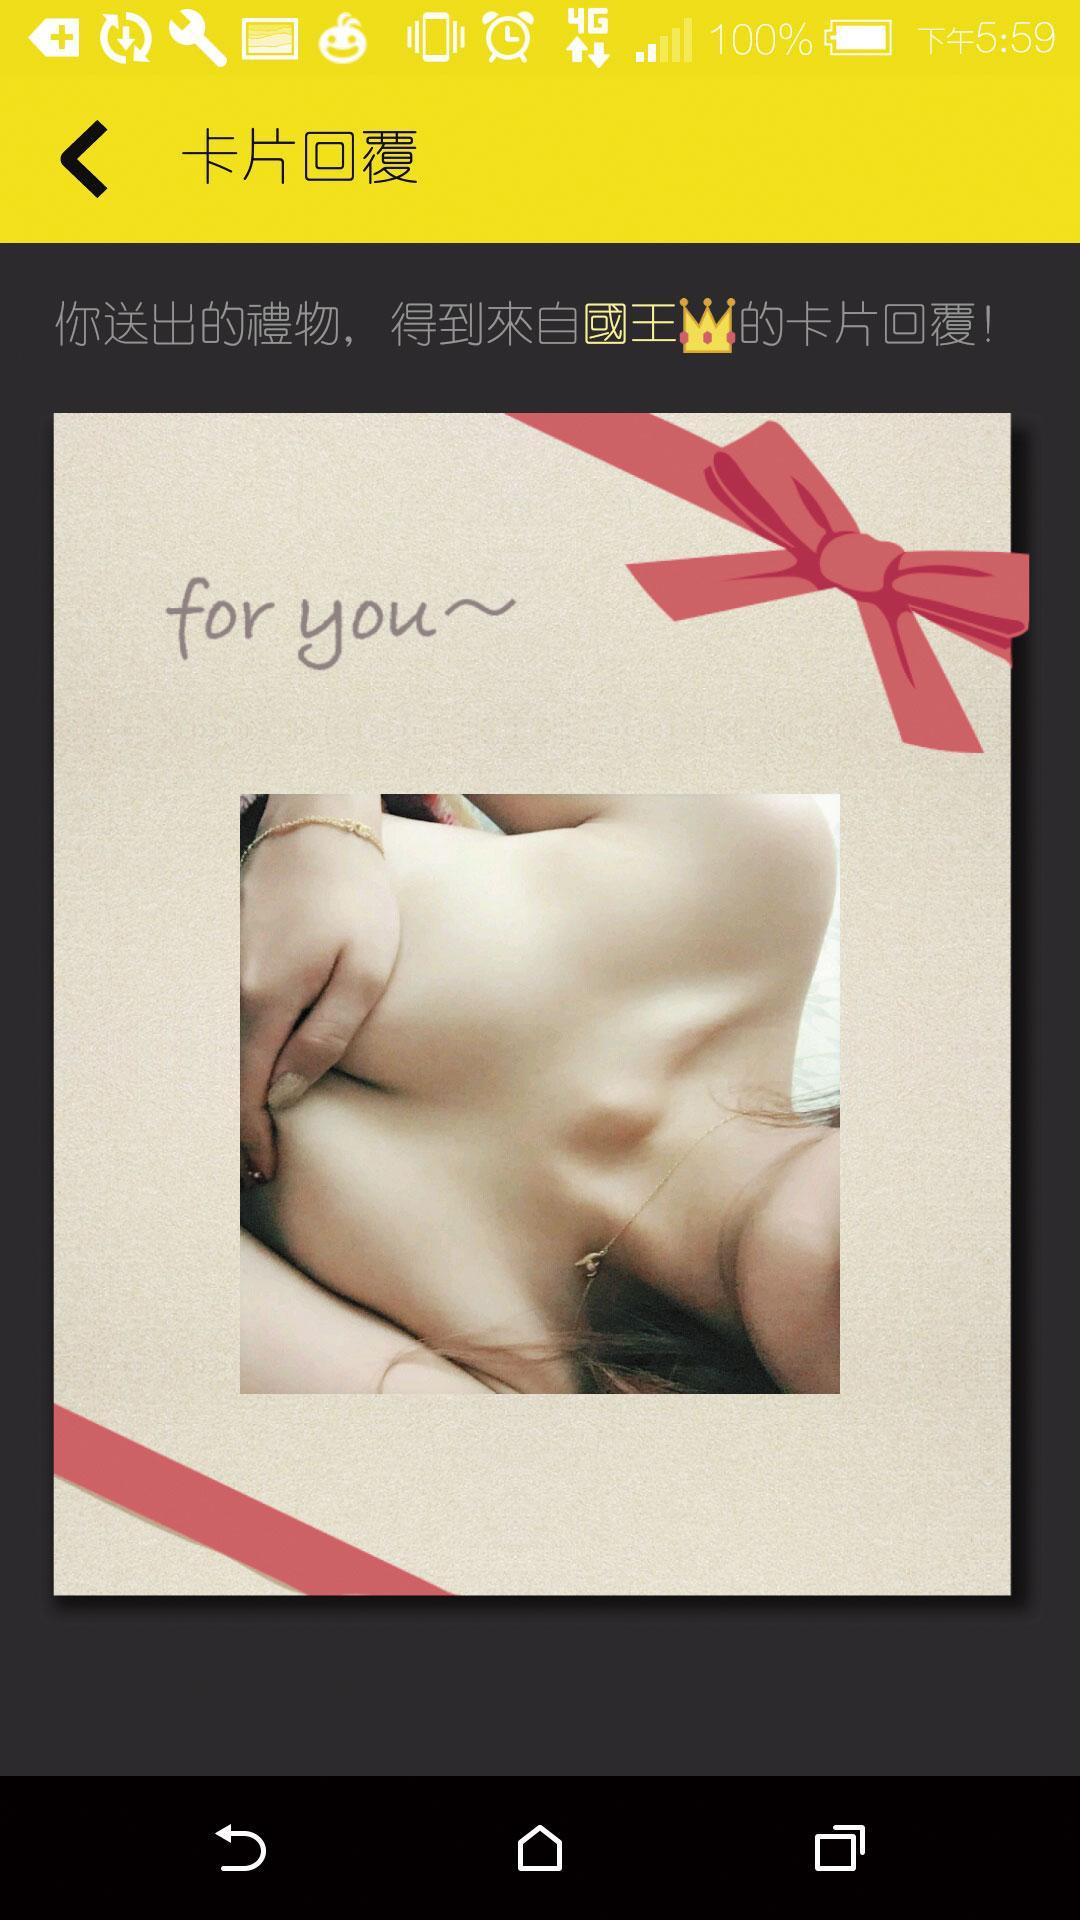 男方購買禮物贈送給喜歡的聊天對象,女方必須回贈私人圖片才能收下禮物,換取積分。(讀者提供)